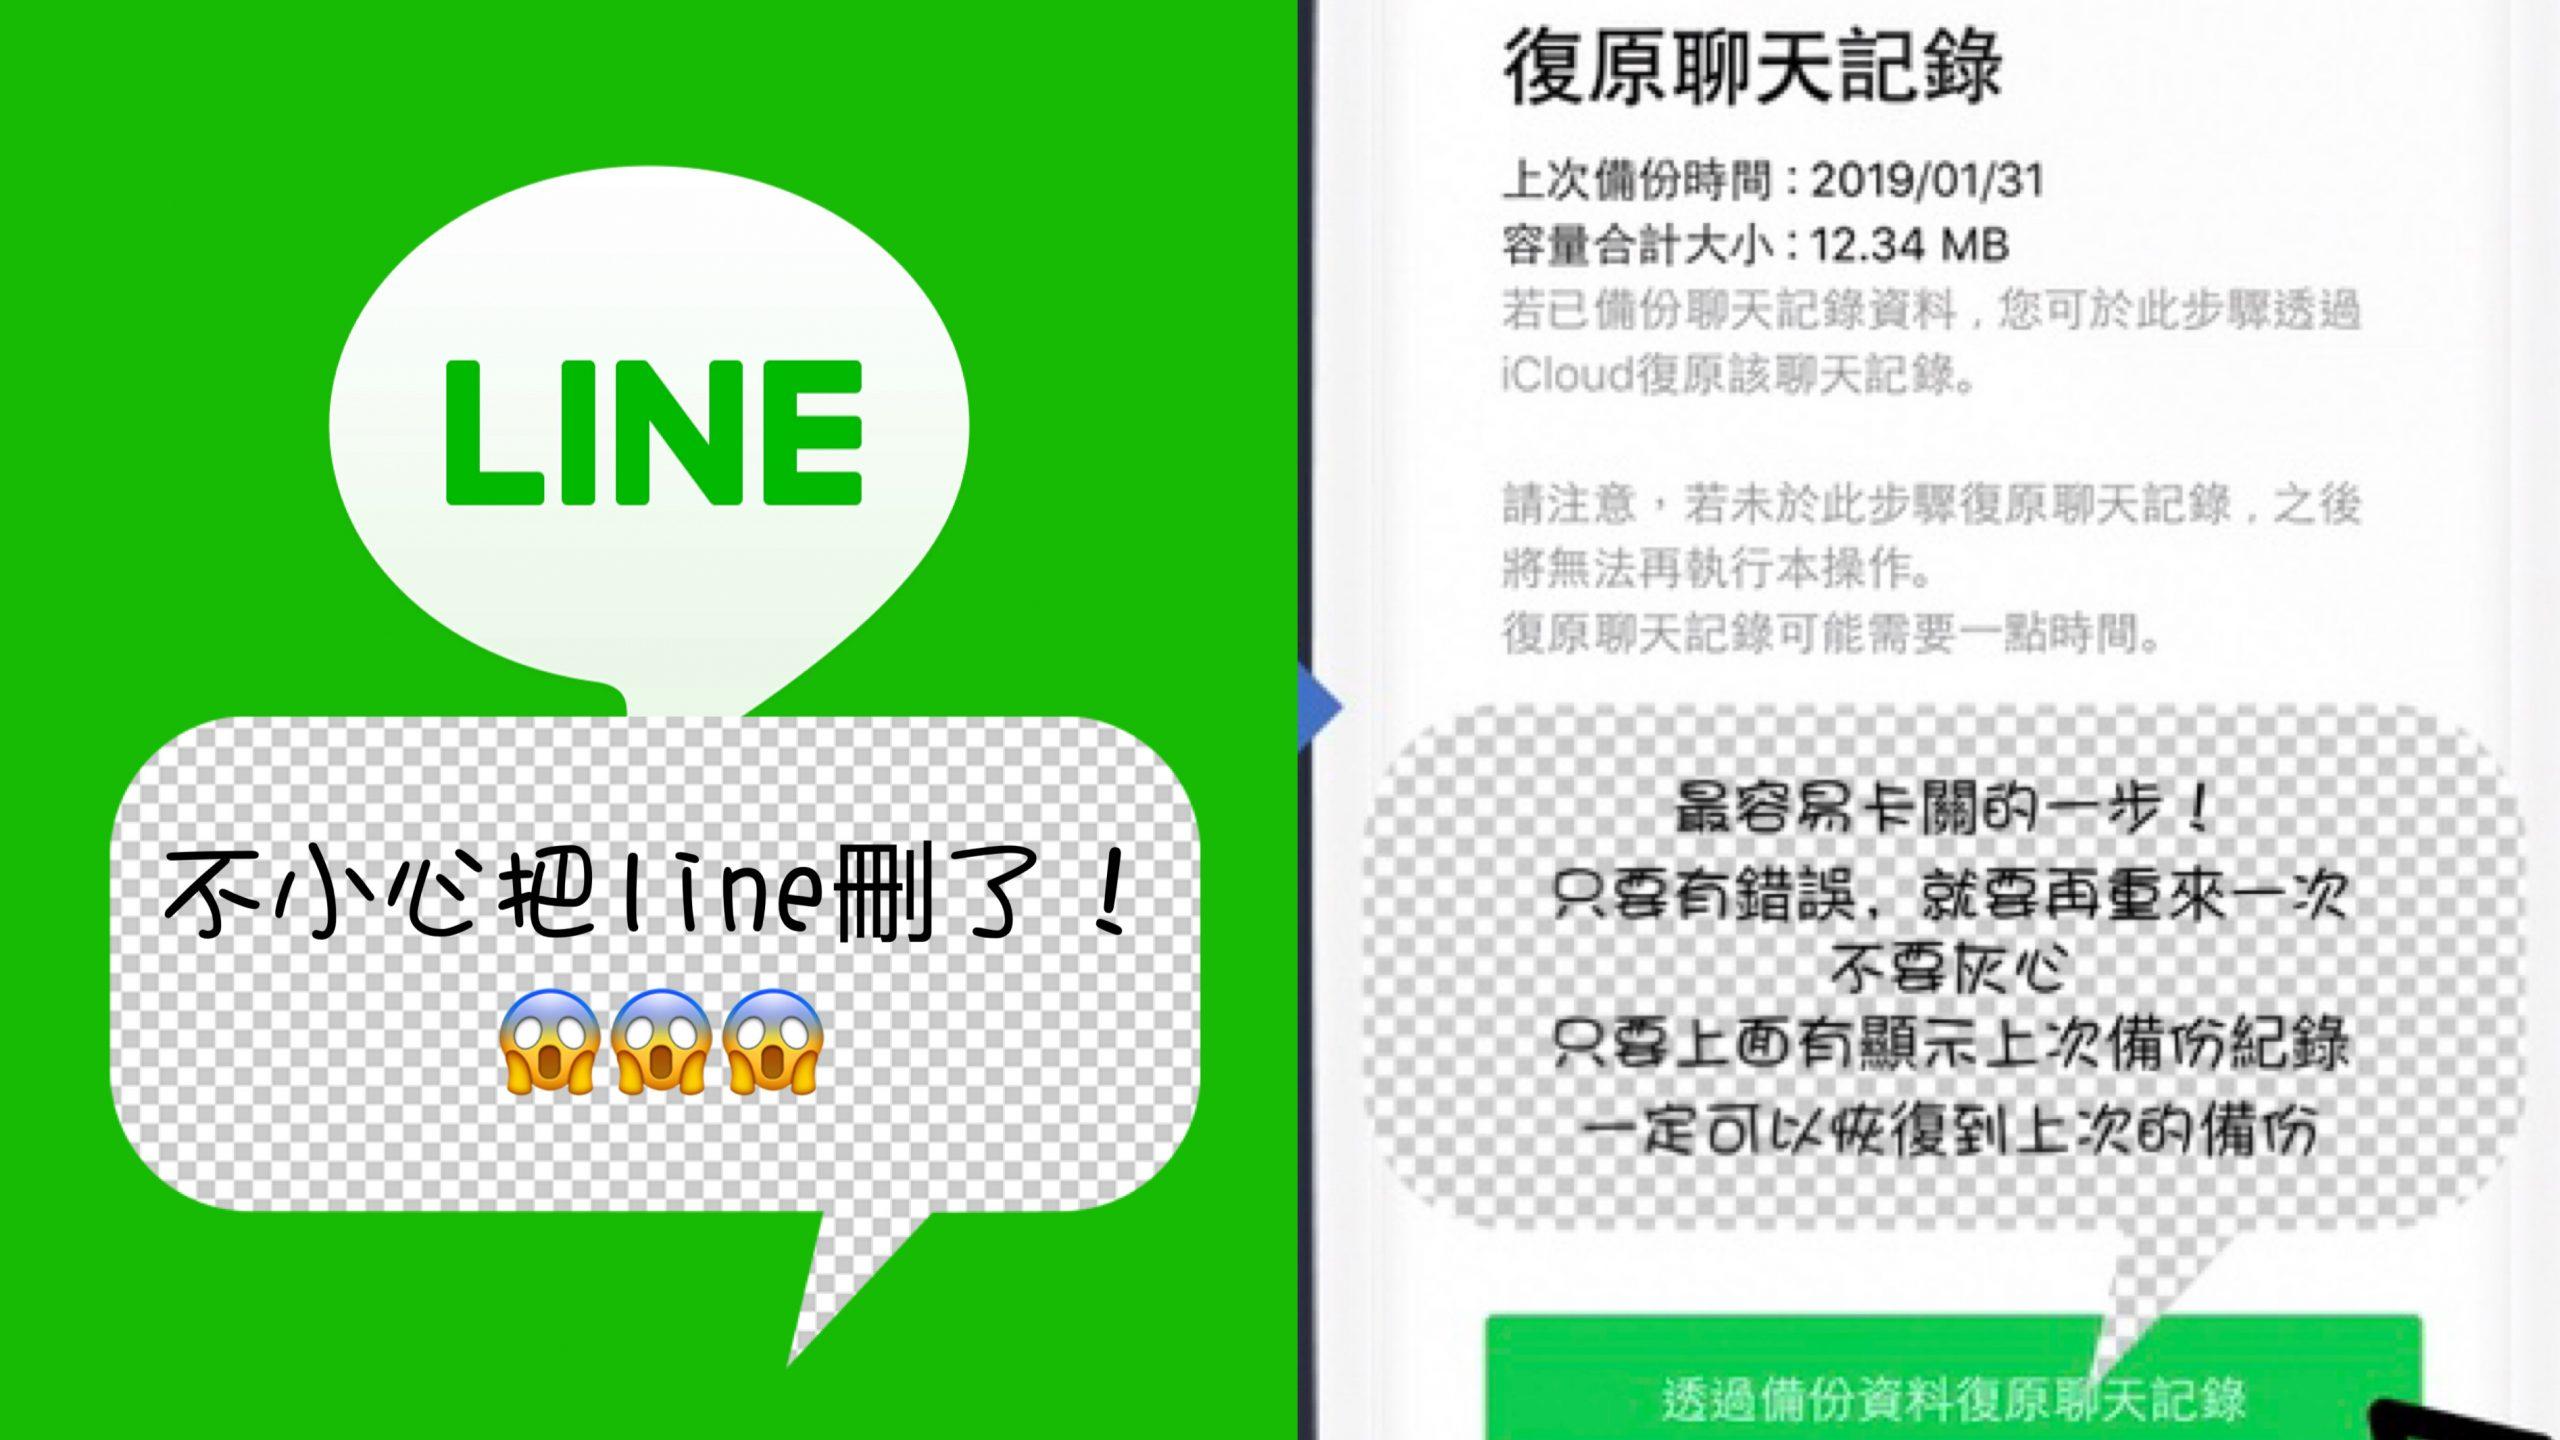 網站近期文章:☆【圖文】不小心誤刪LINE、換新機。復原聊天備份一直失敗?還原成功過程全記錄! ios版